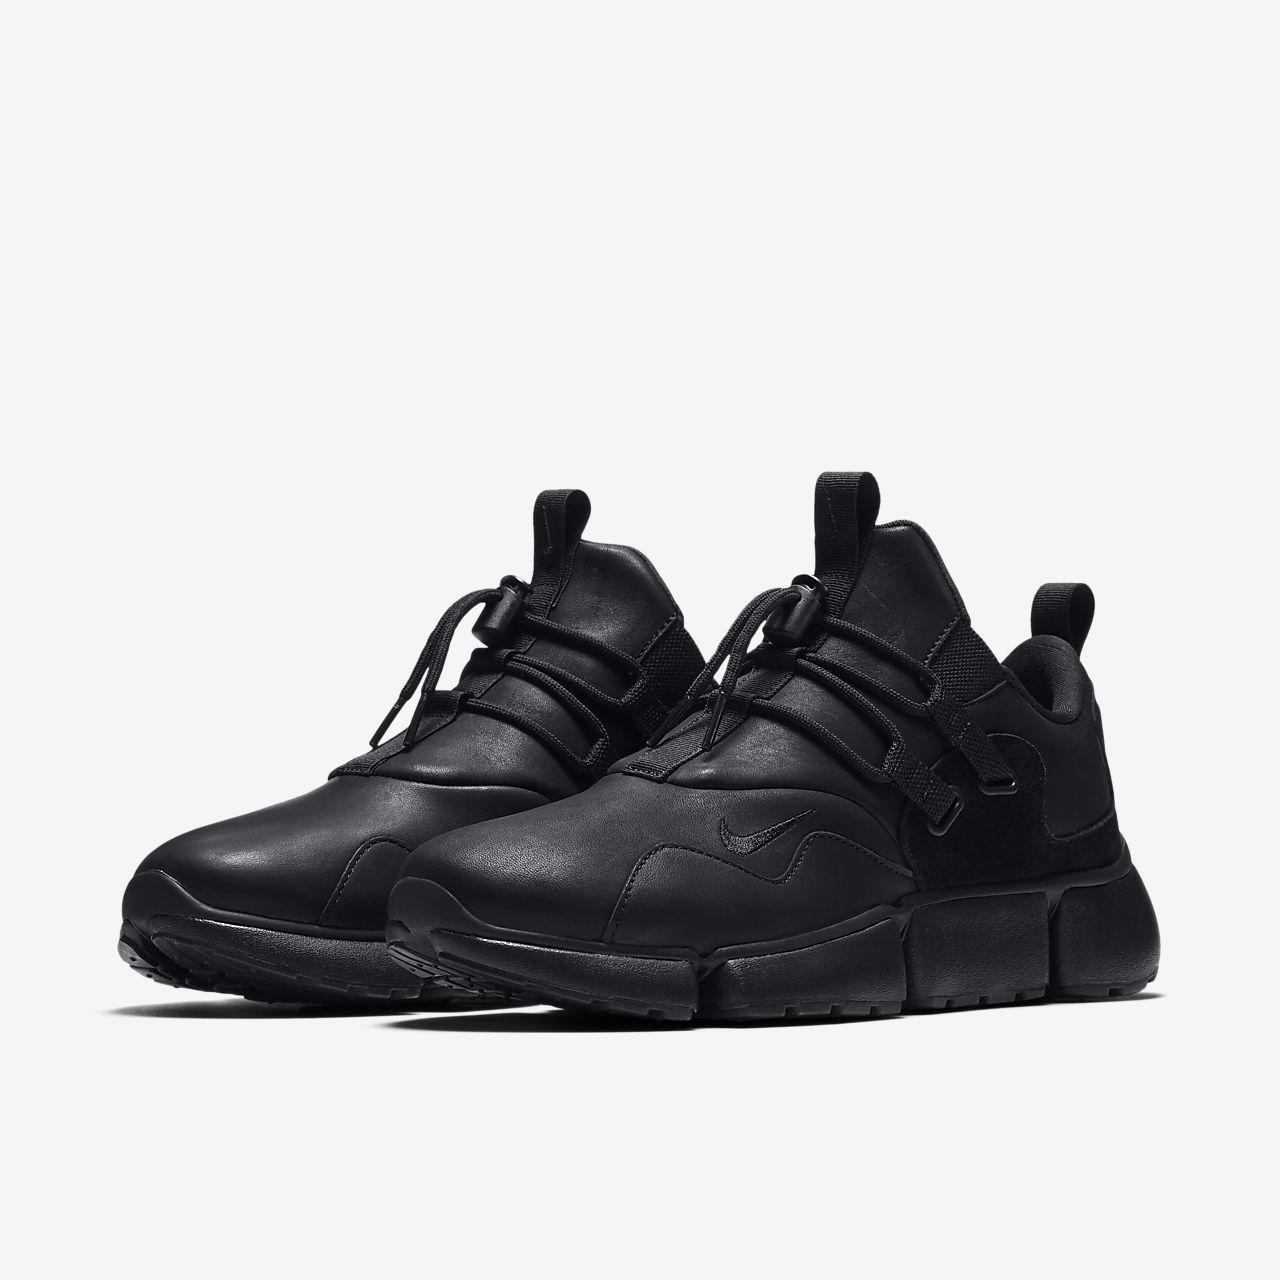 ... Nike Pocket Knife DM Leather Men's Shoe